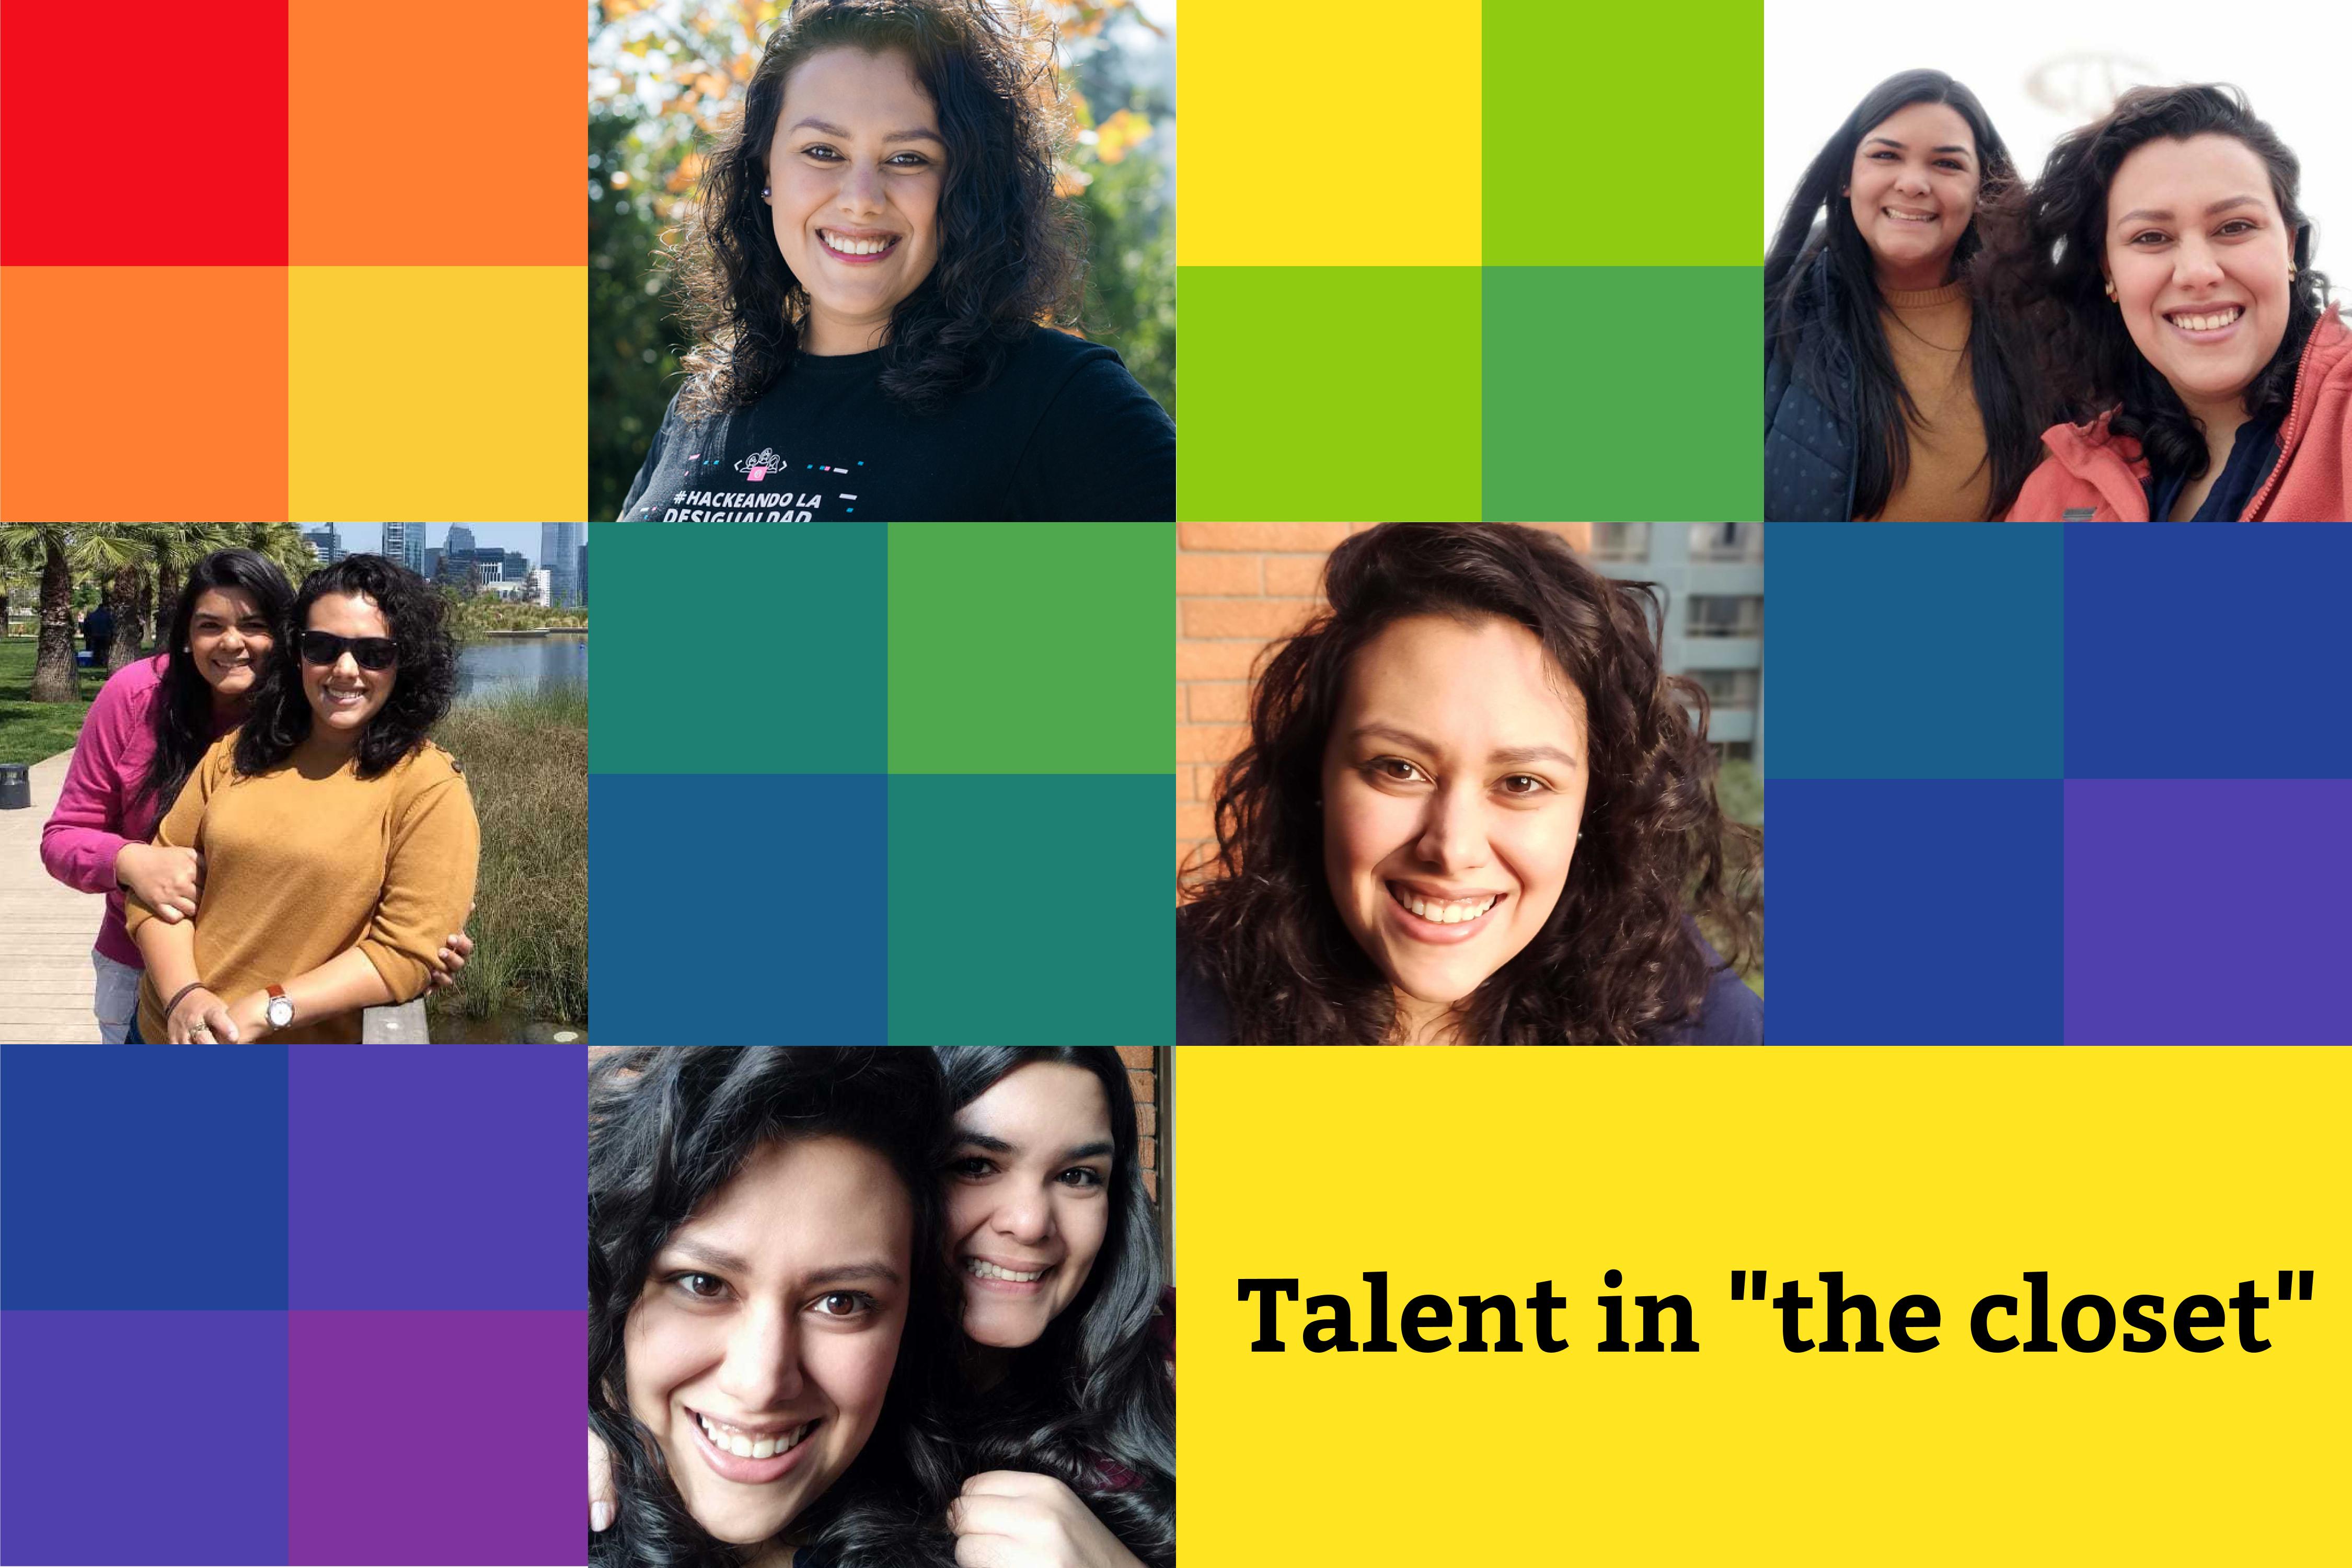 talent-in-the-closet-laboratoria